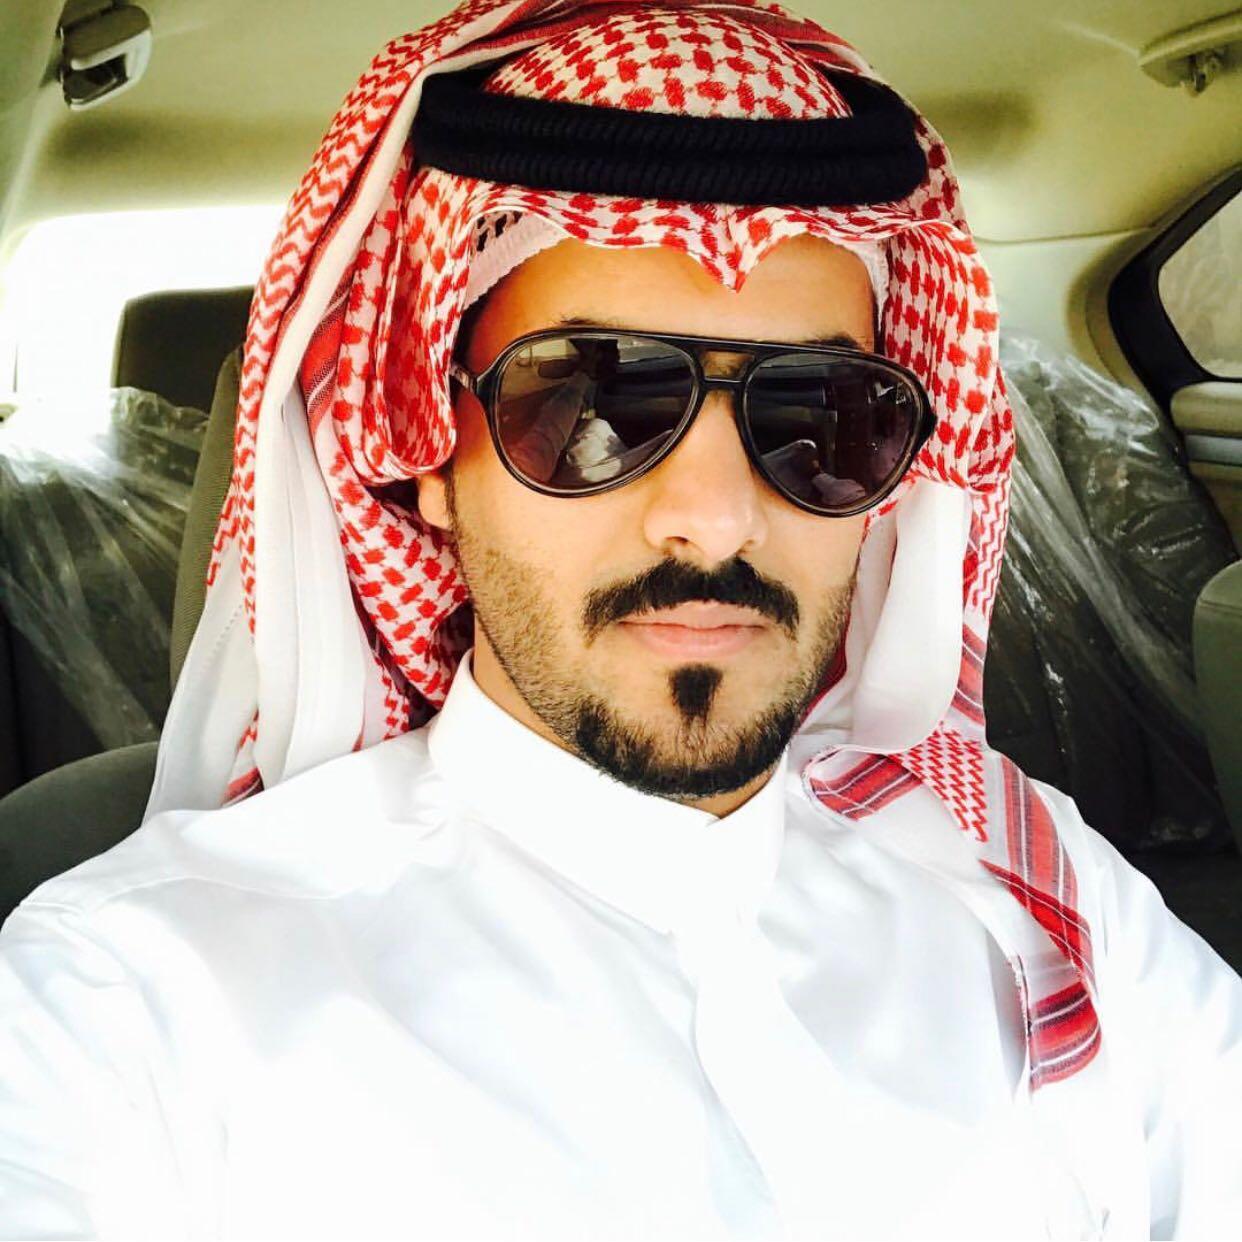 نجوم من وادينا .. المهندس عابد بن عبد الله